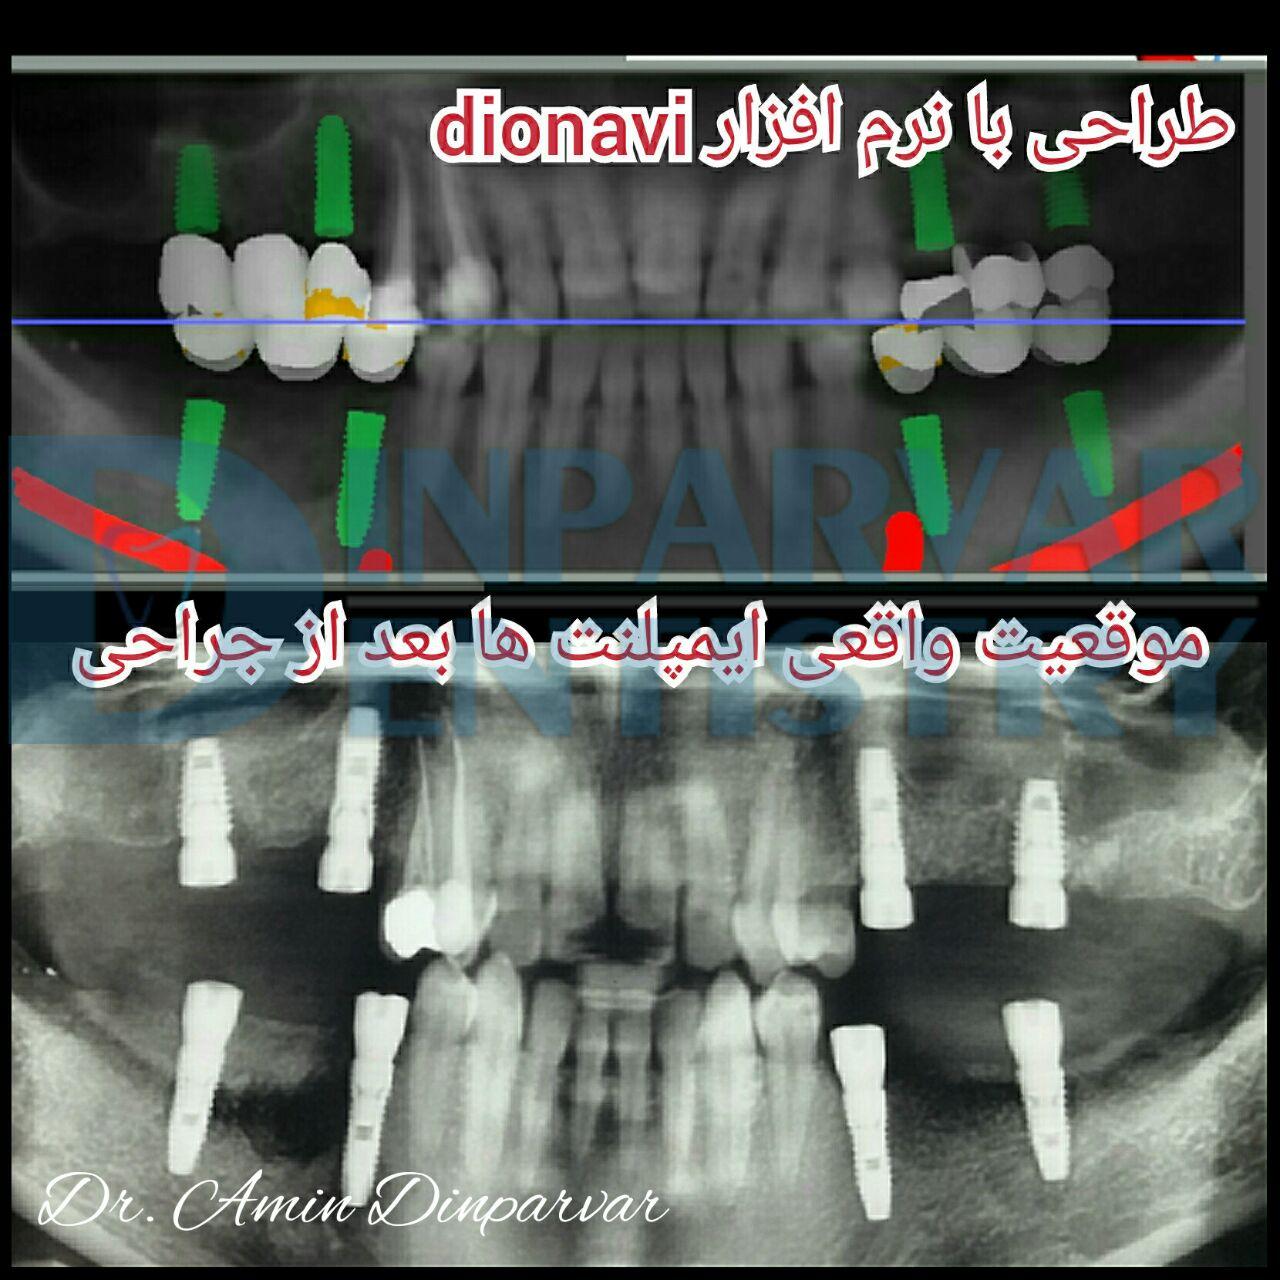 3 : درمان فضاهای بی دندانی به کمک ایمپلنت